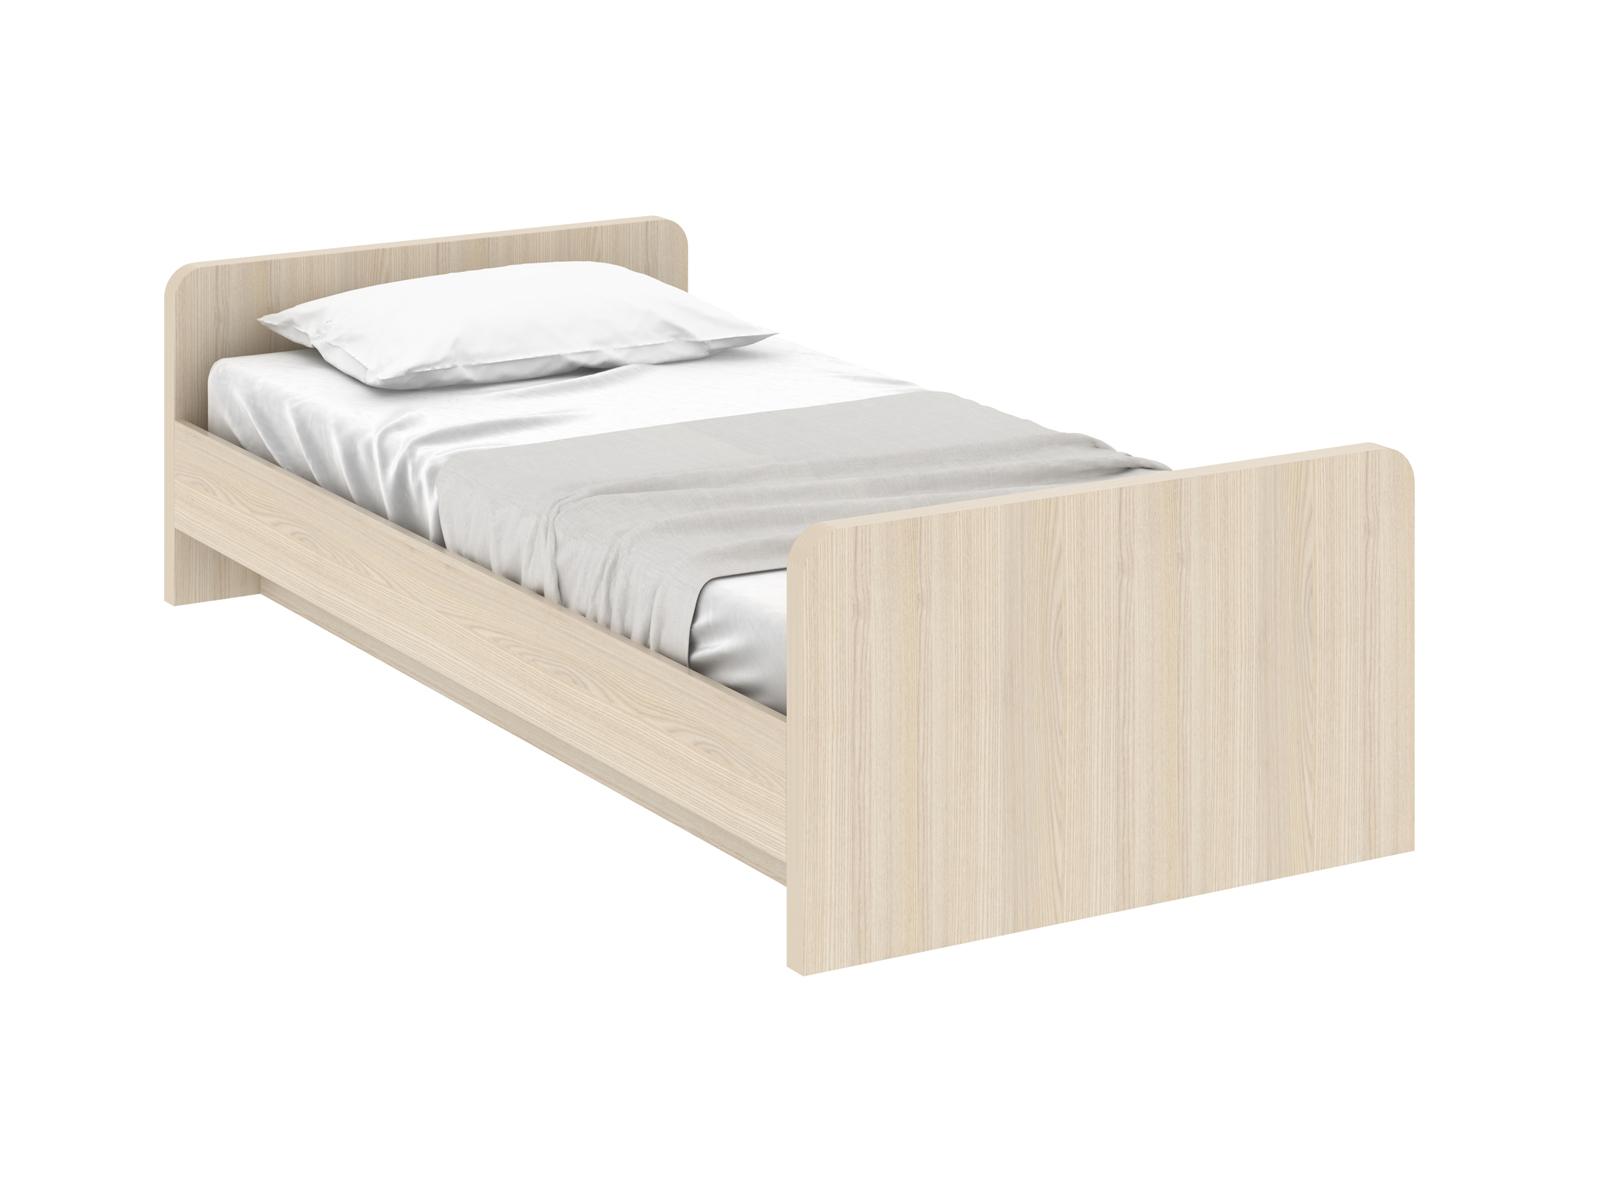 Кровать PinokkioКровати<br>Кровать односпальная. Размер спального места – 900х2000 мм.<br>